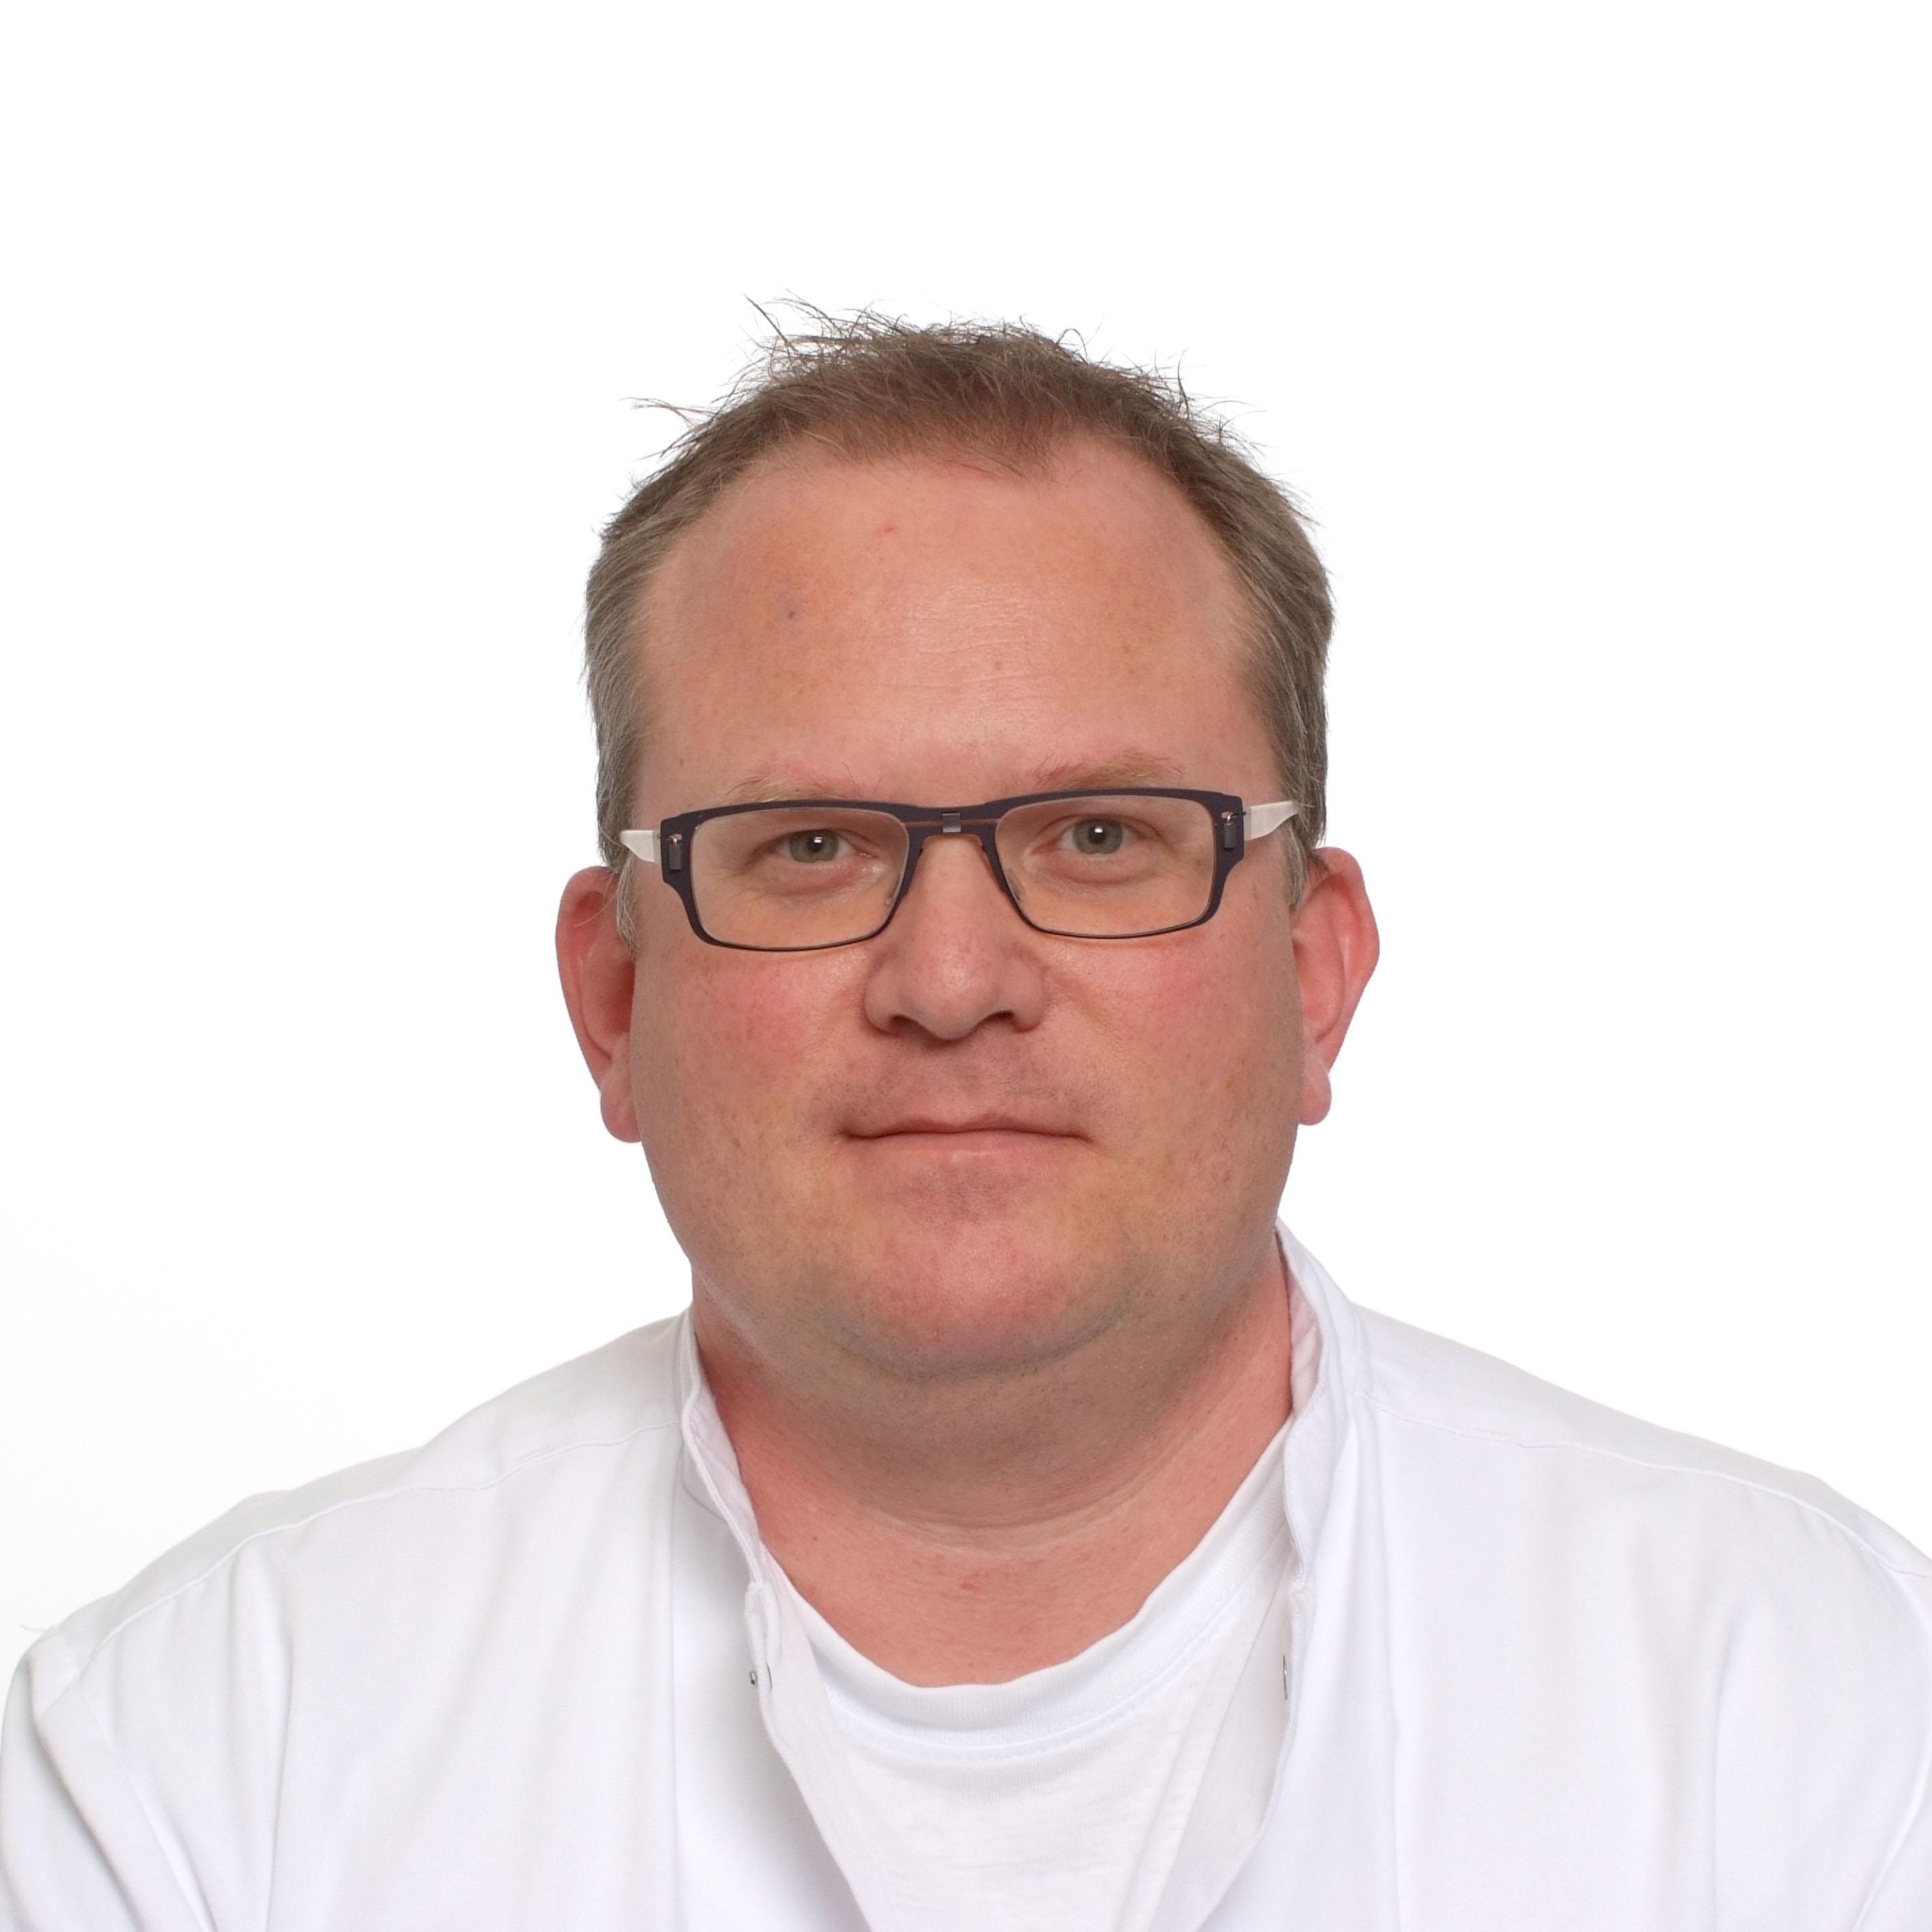 Dr. K.T. Laser